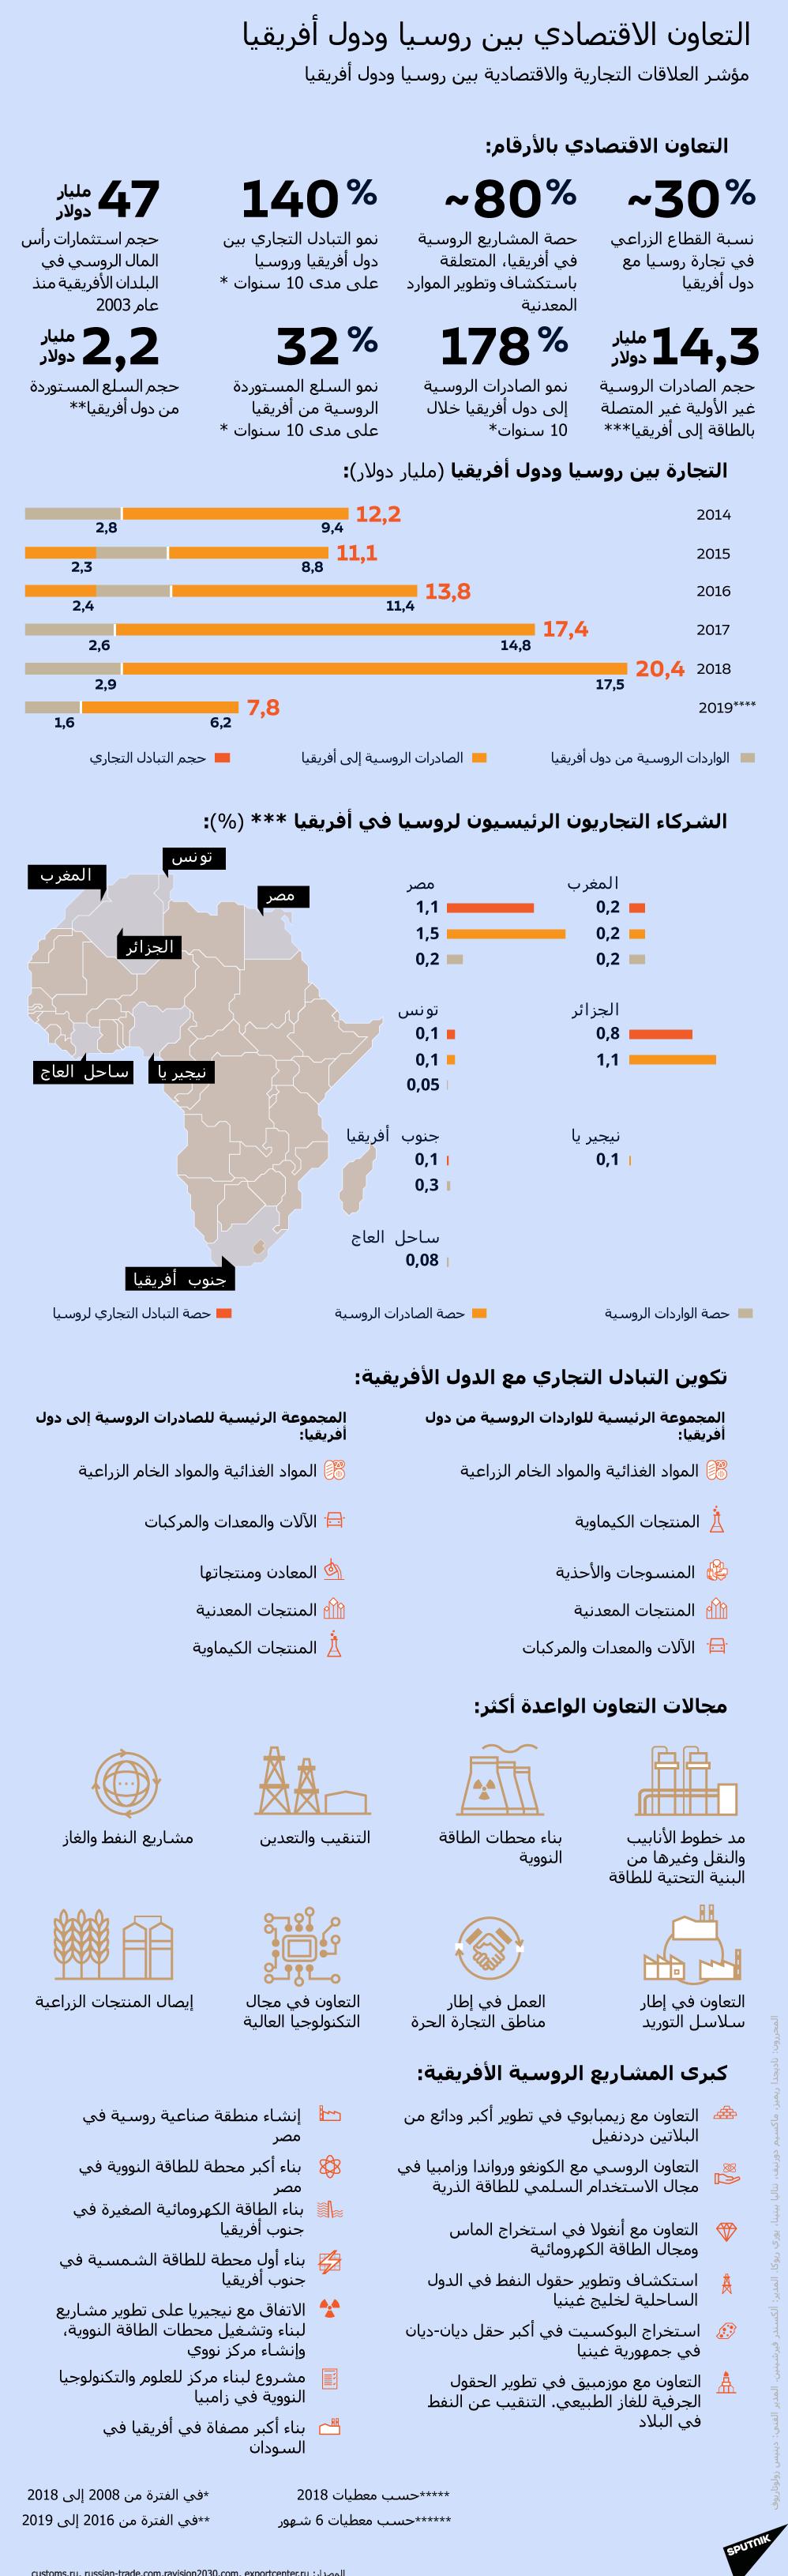 إنفوجرافيك - التعاون الاقتصادي بين روسيا ودول أفريقيا